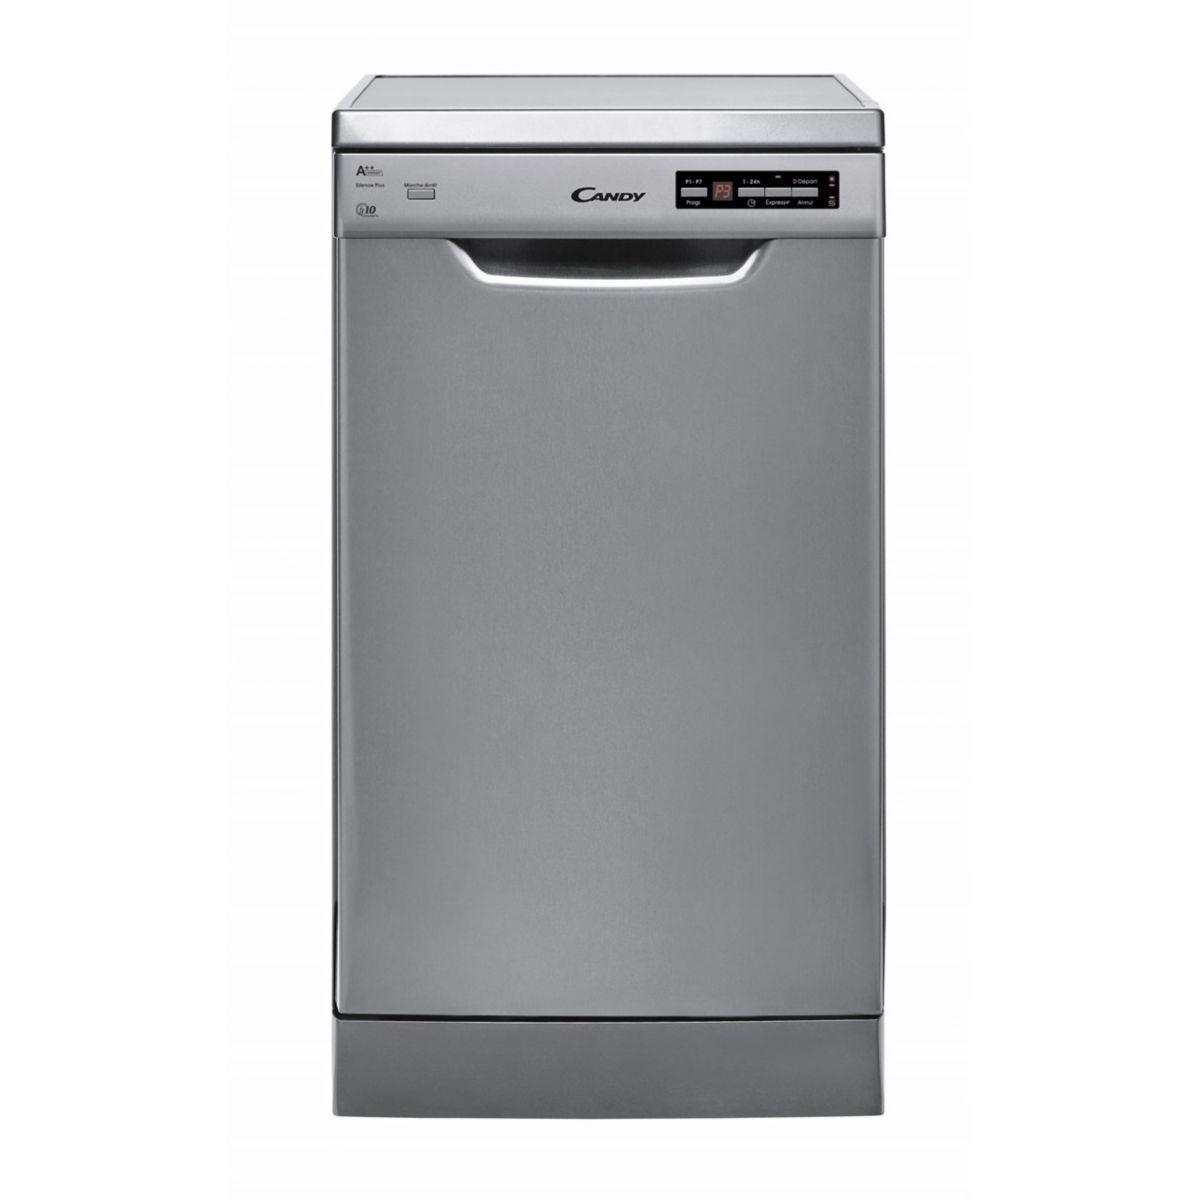 Lave vaisselle 45 cm candy cdp 2d1047x-47 - livraison offerte : code livp (photo)